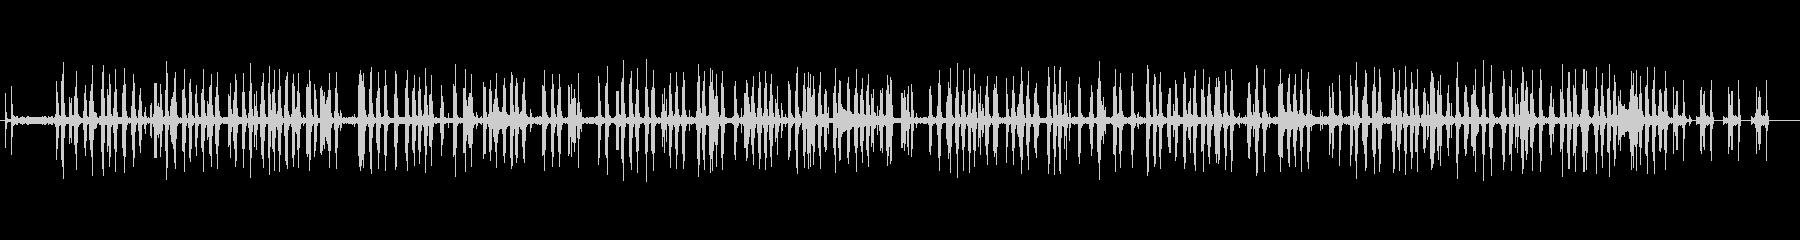 モダンエレクトリックタイプライター...の未再生の波形